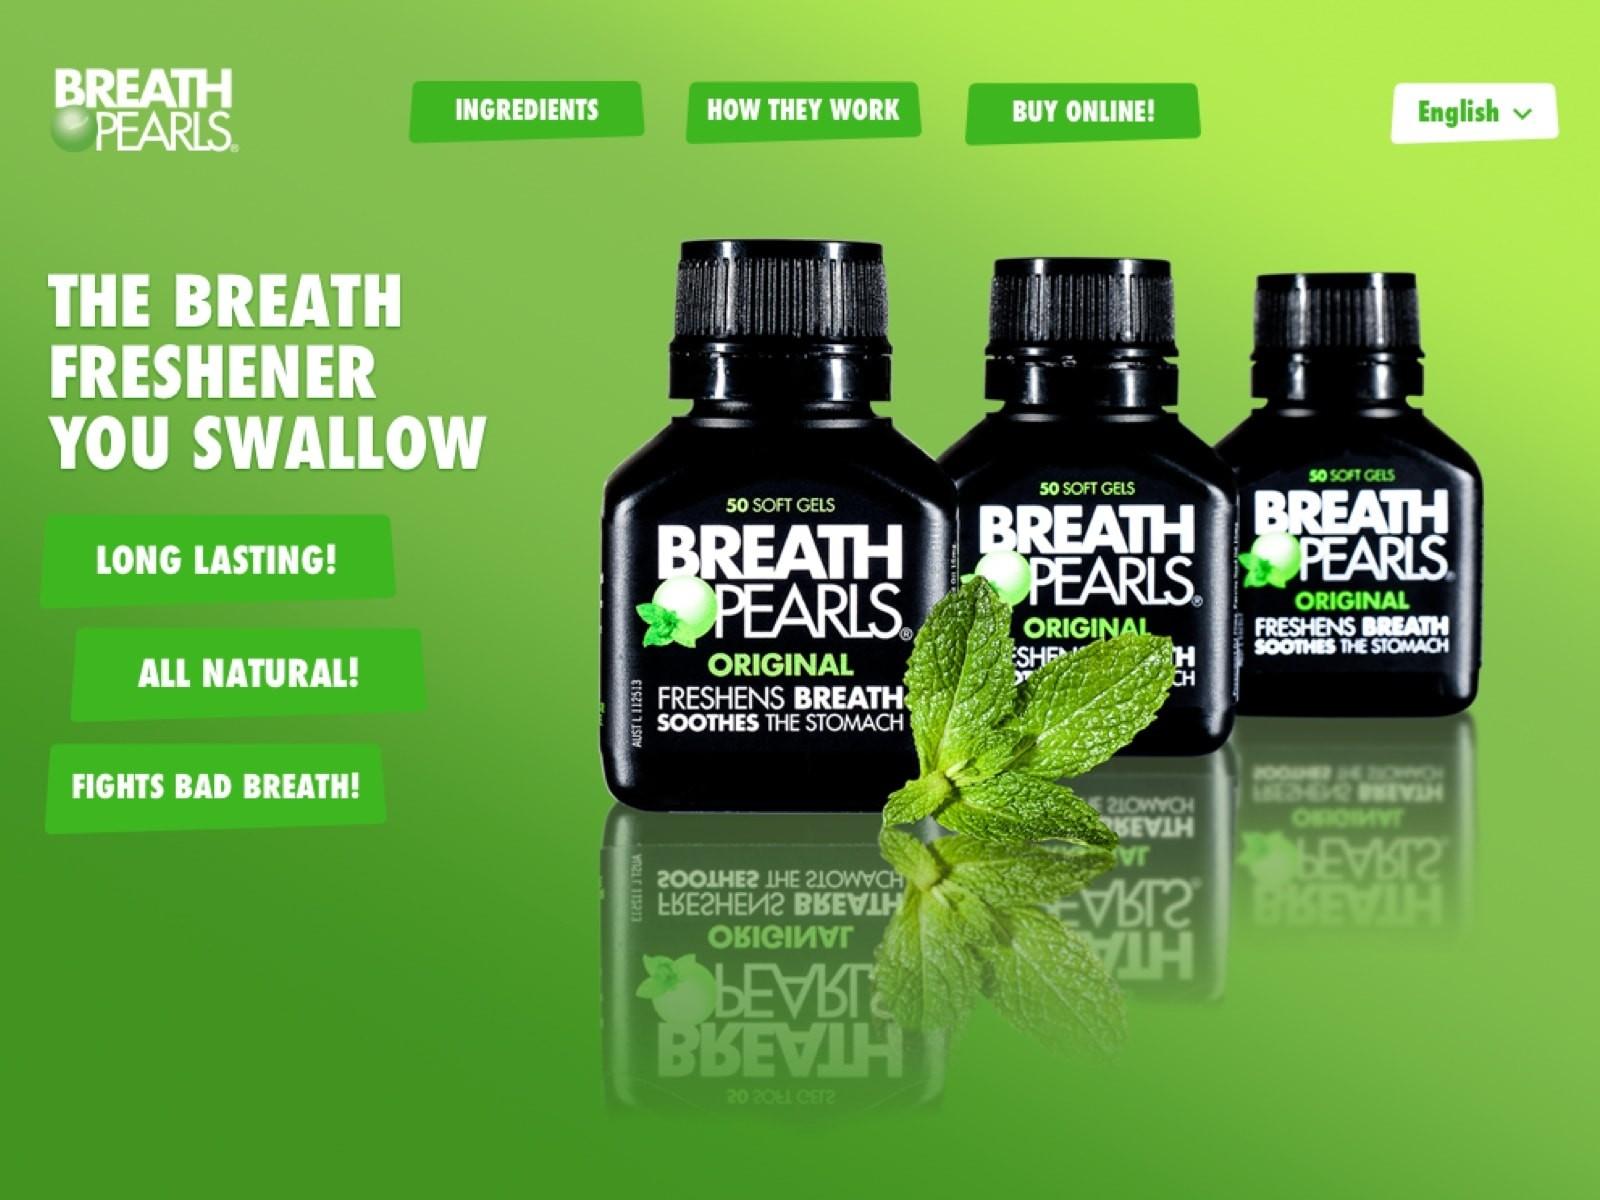 Viên uống hỗ trợ thơm miệng Breath Pearls